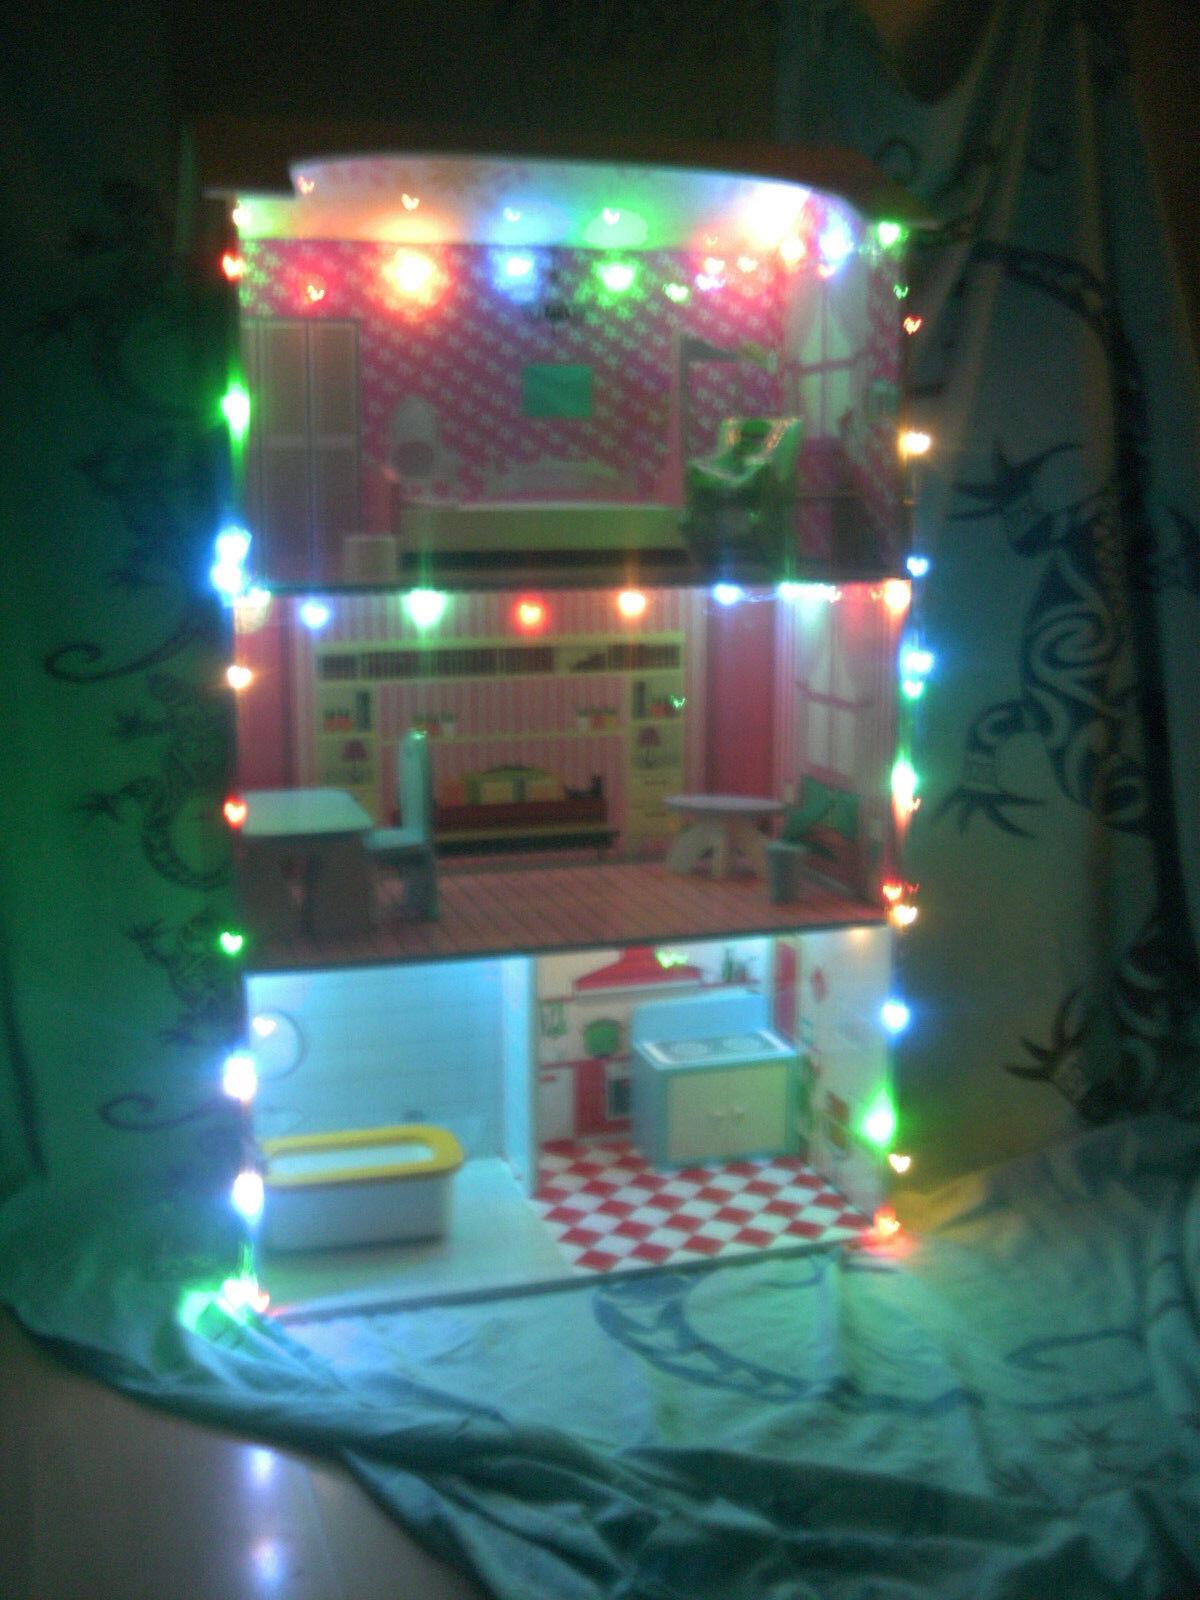 Lichterkette LED Innenraum Beleuchtung Dekoration für Puppenhaus 3m kinderleicht